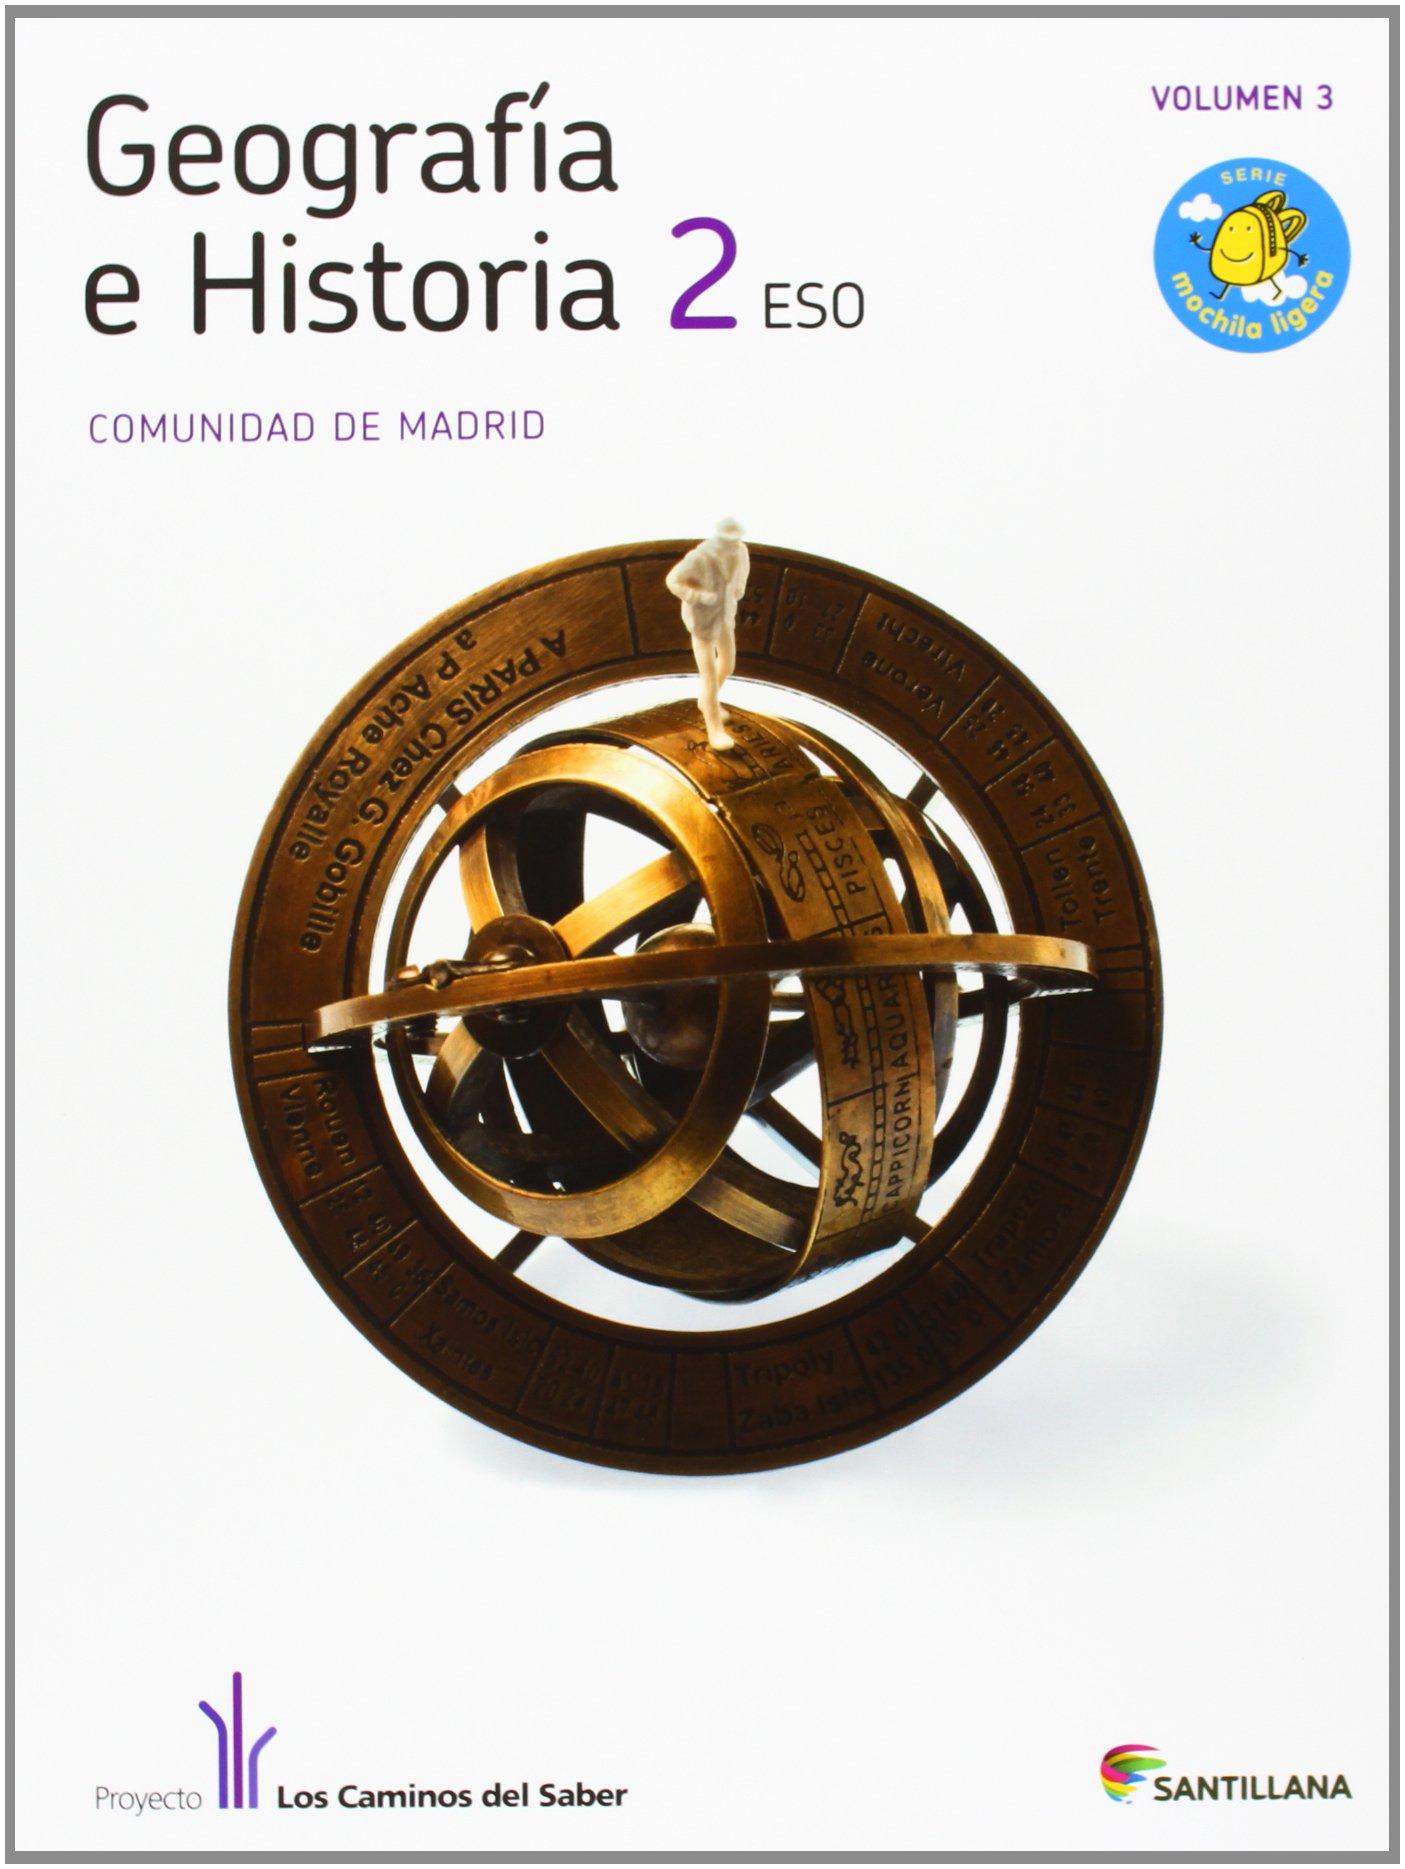 GEOGRAFIA E HISTORIA MADRID 2 ESO M LIGERA LOS CAMINOS DEL SABER: Amazon.es: Vv.Aa.: Libros